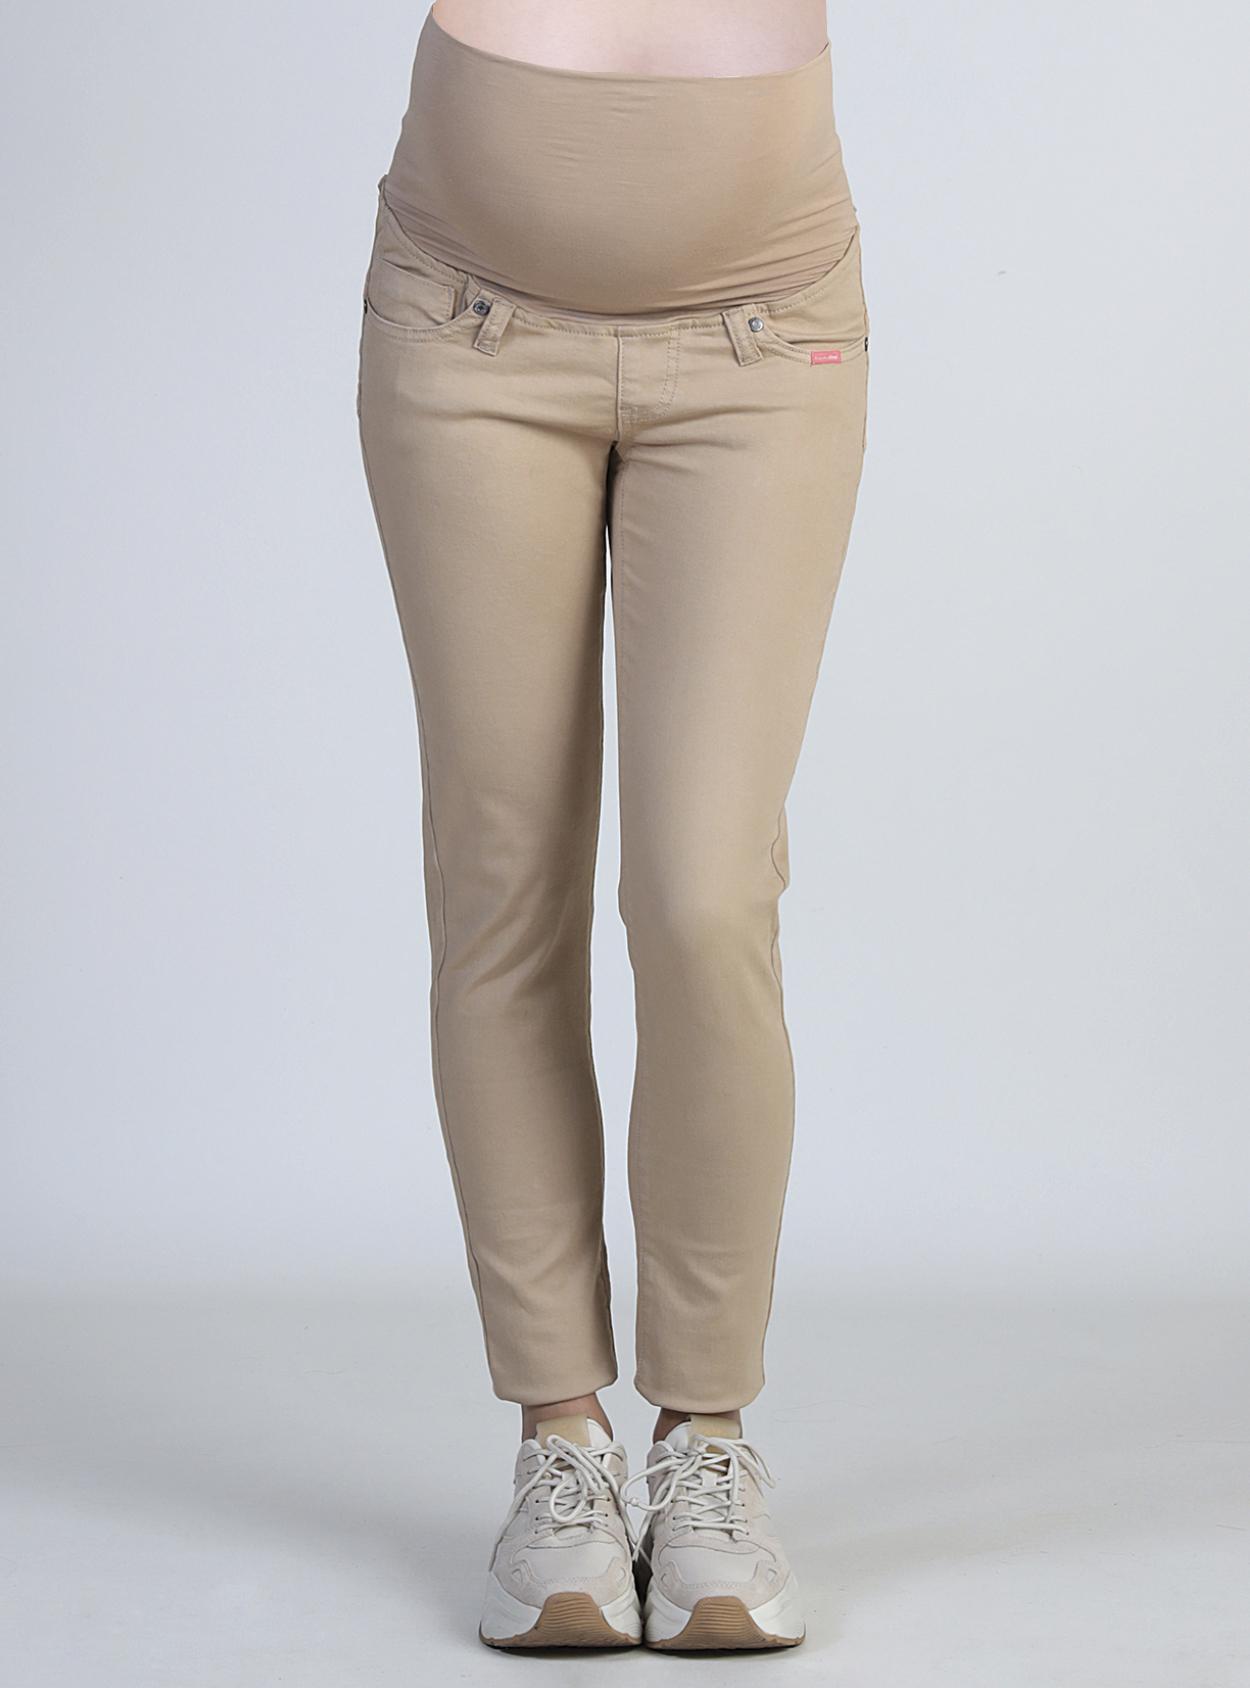 Pantalon básico café tiro alto